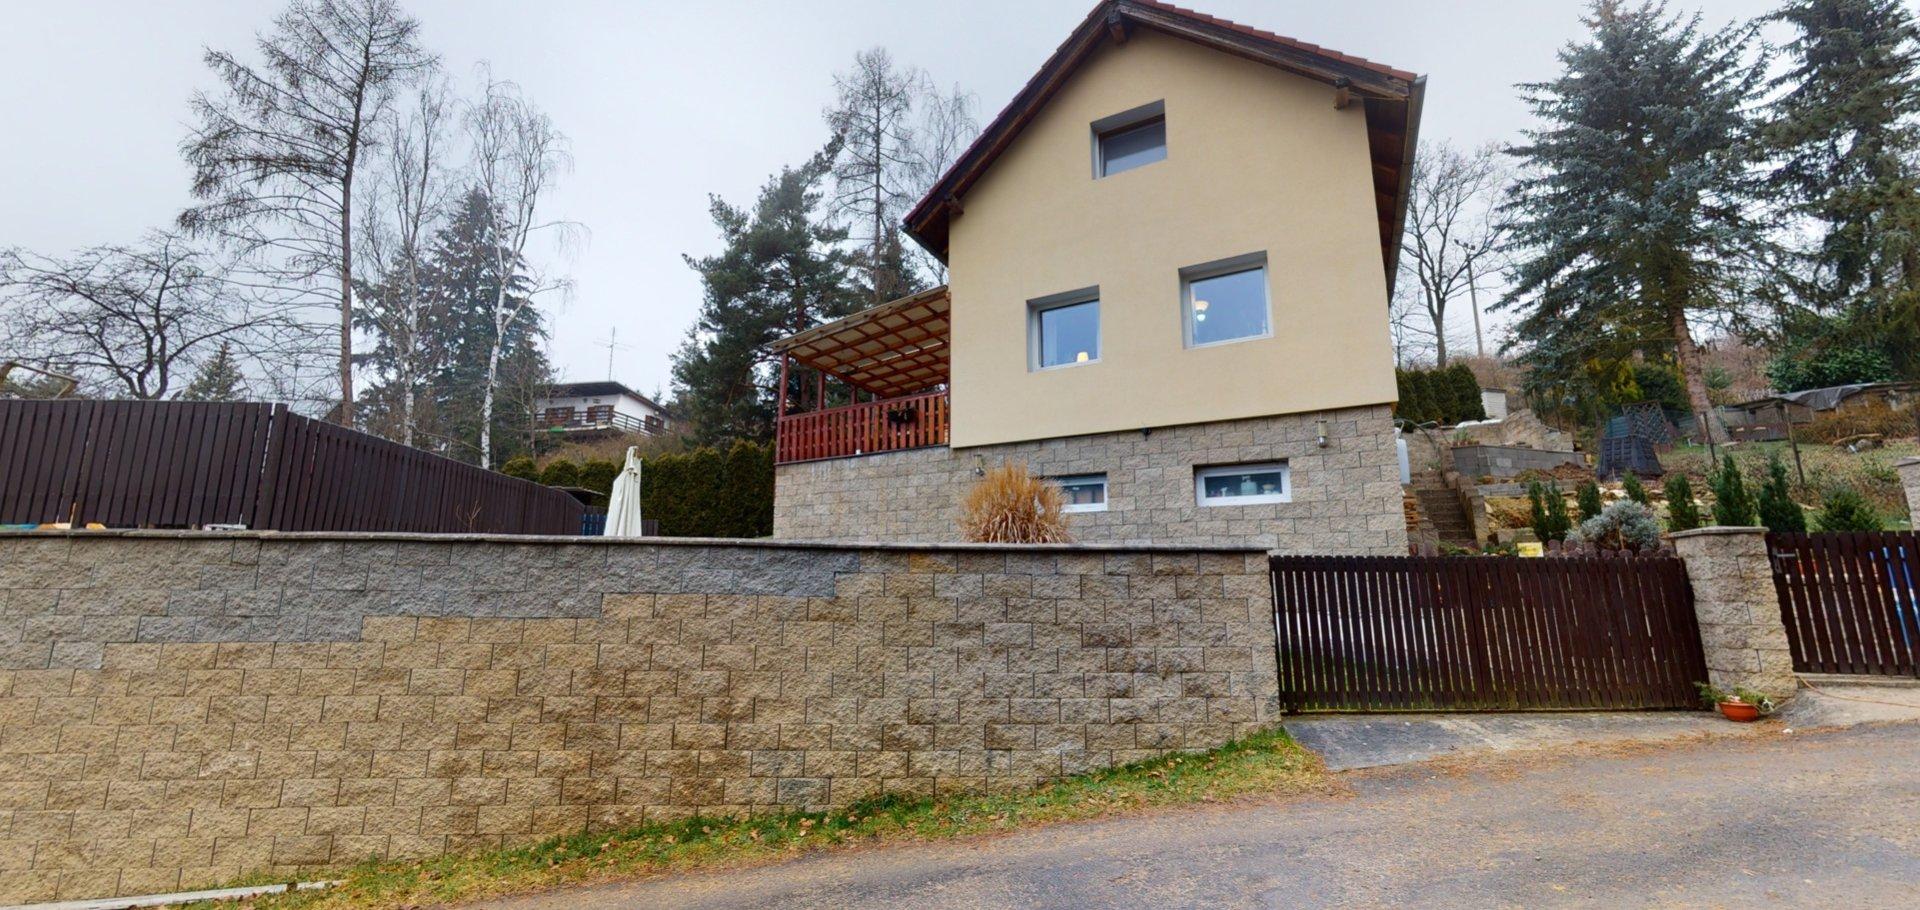 Prodej, Rodinné domy, 85m² - Stříbrná Skalice - Hradové Střimelice